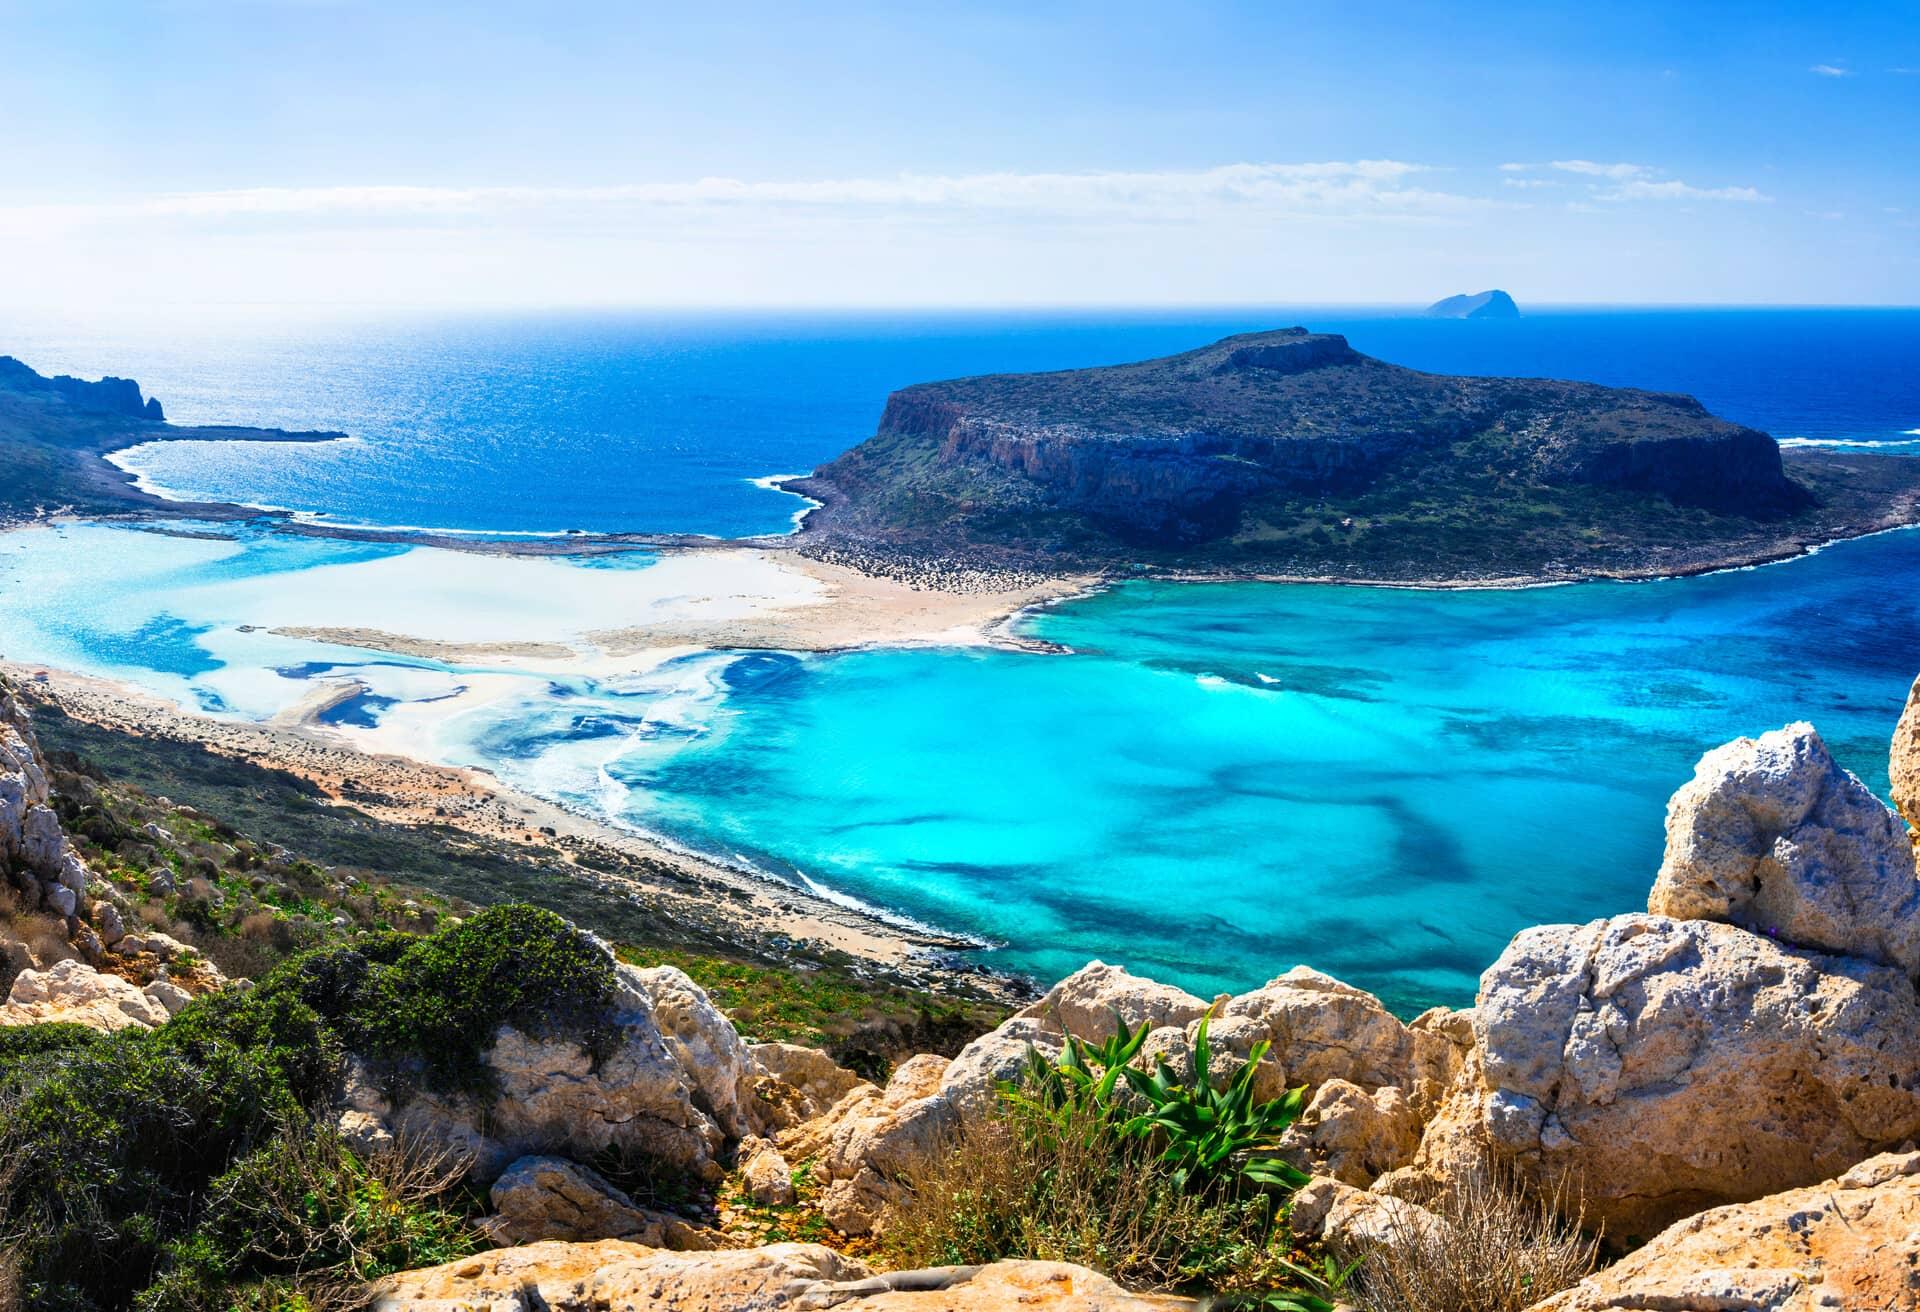 Una vista mozzafiato su Creta, Grecia.